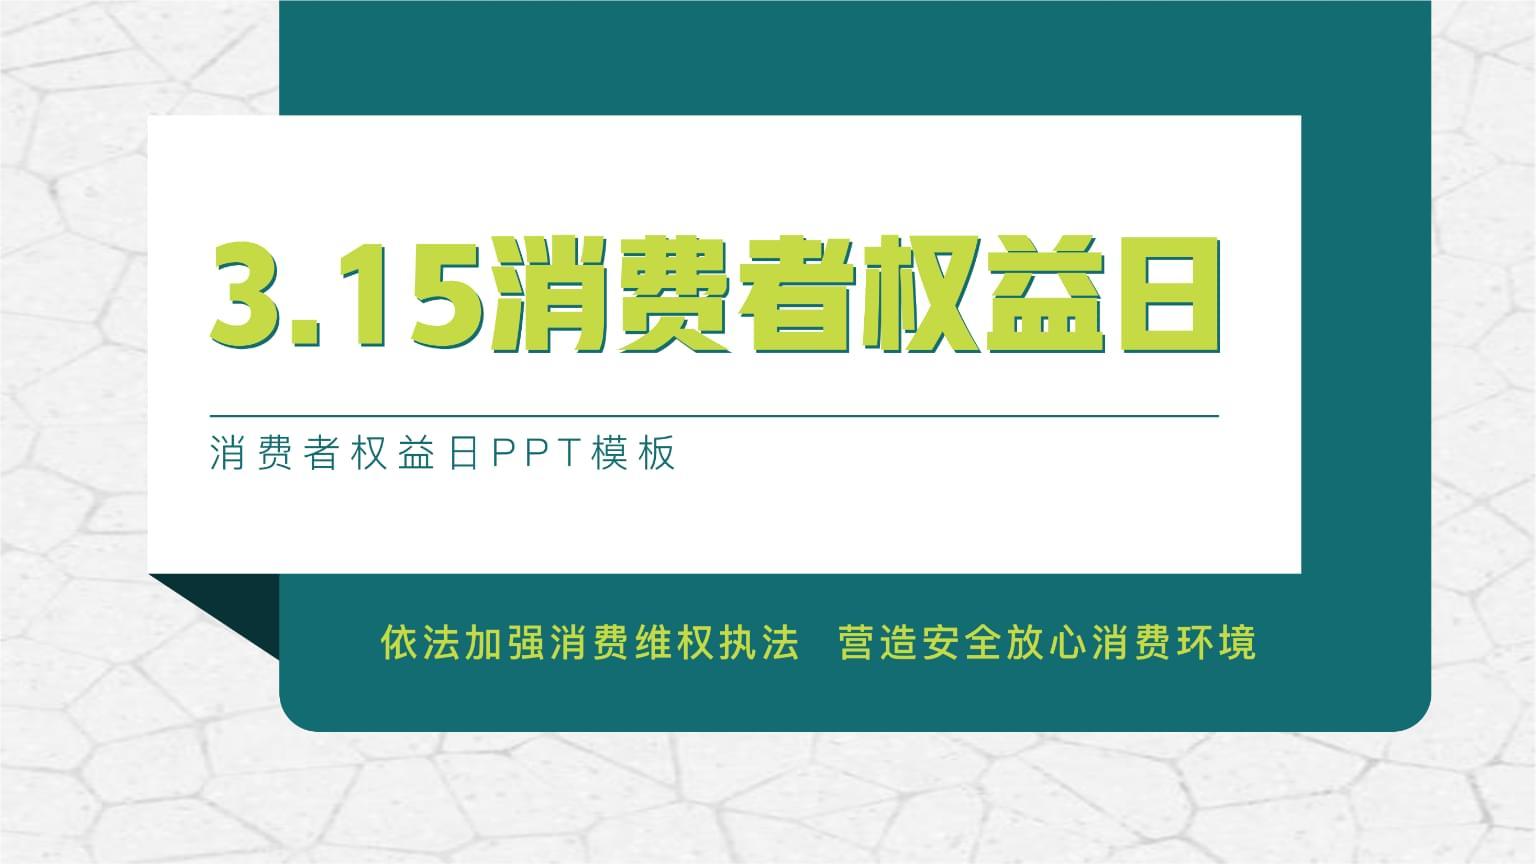 消费者权益日PPT模板315国际消费者维权日宣传课件中小学主题班会 (9).pptx